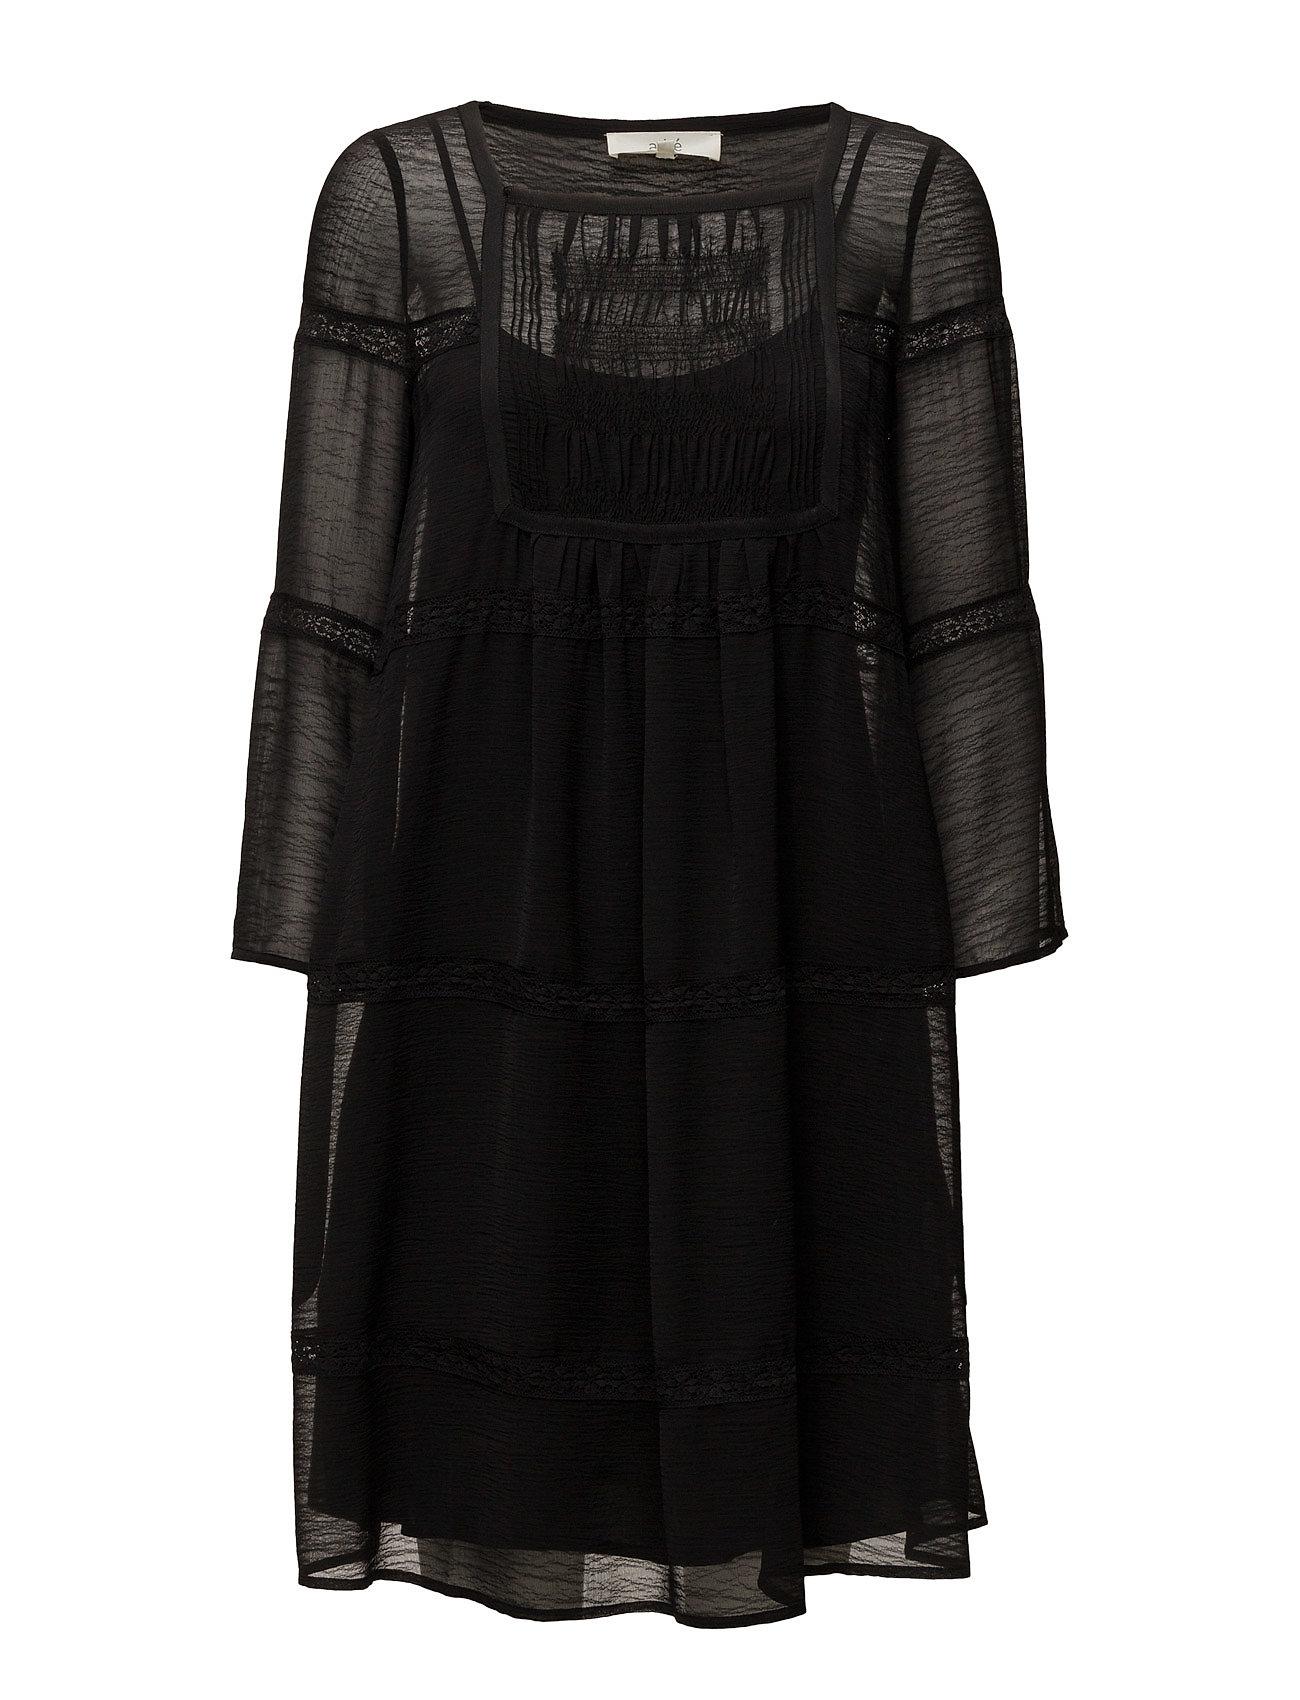 Gisele Vanessa Bruno ¡the Korte kjoler til Damer i Noir